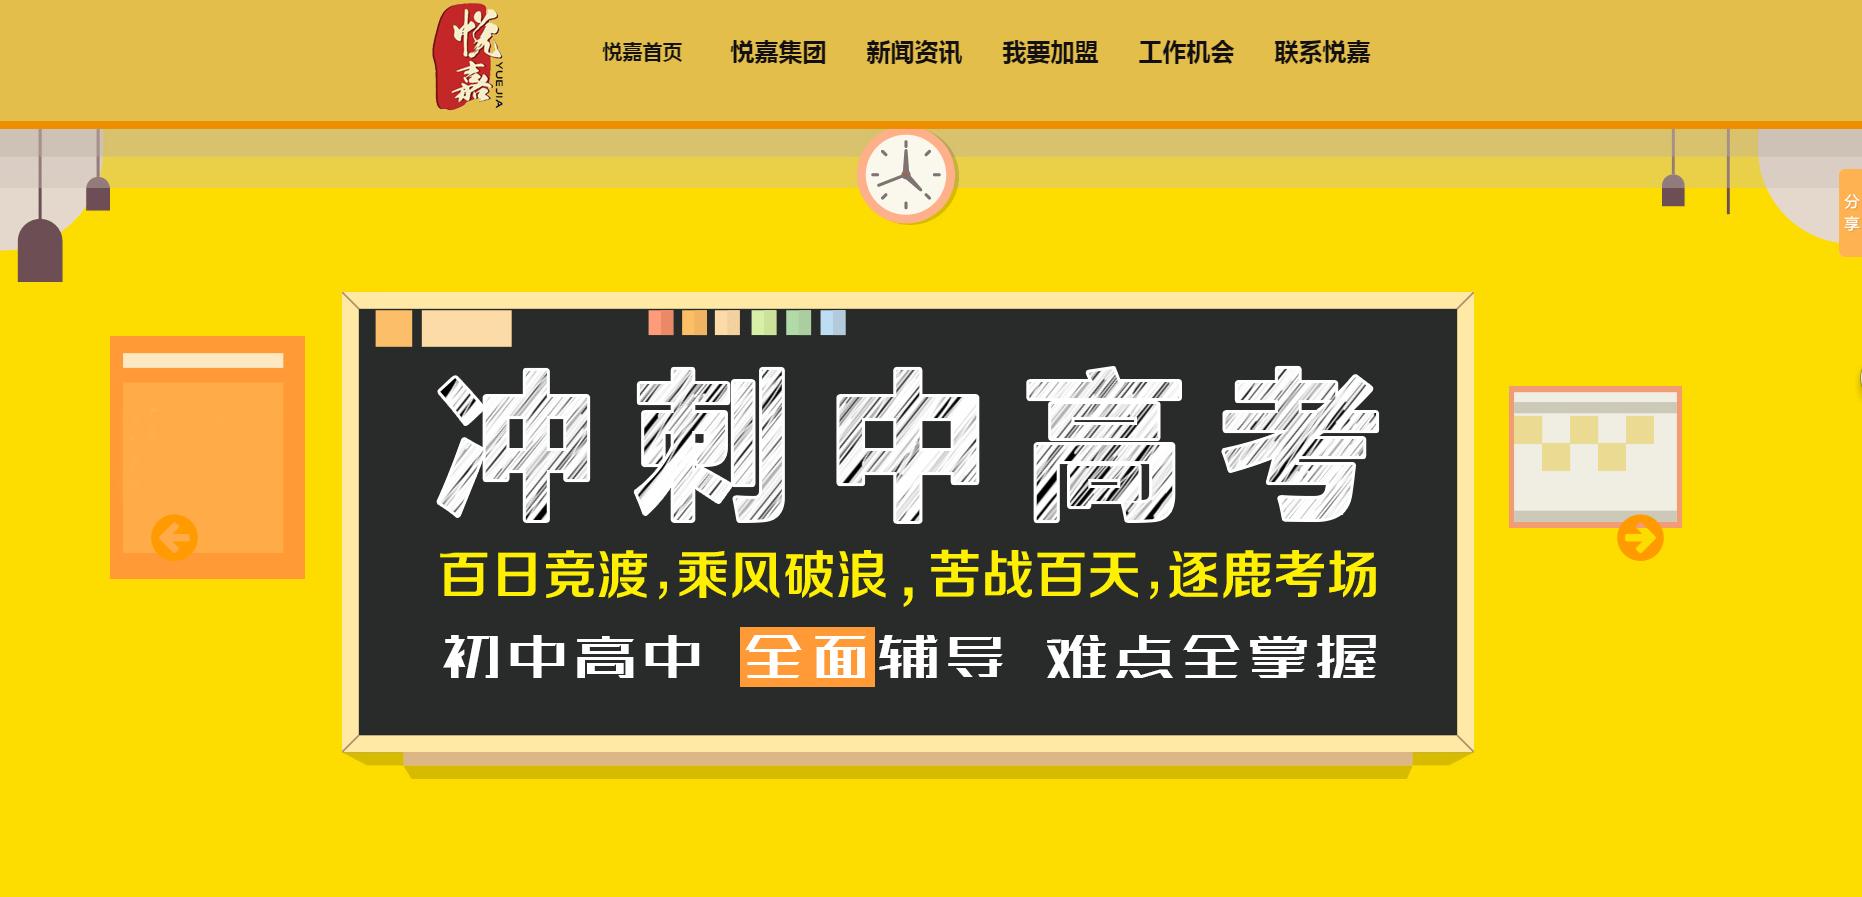 泰州医药高新区菁艺教育培训中心有限公司